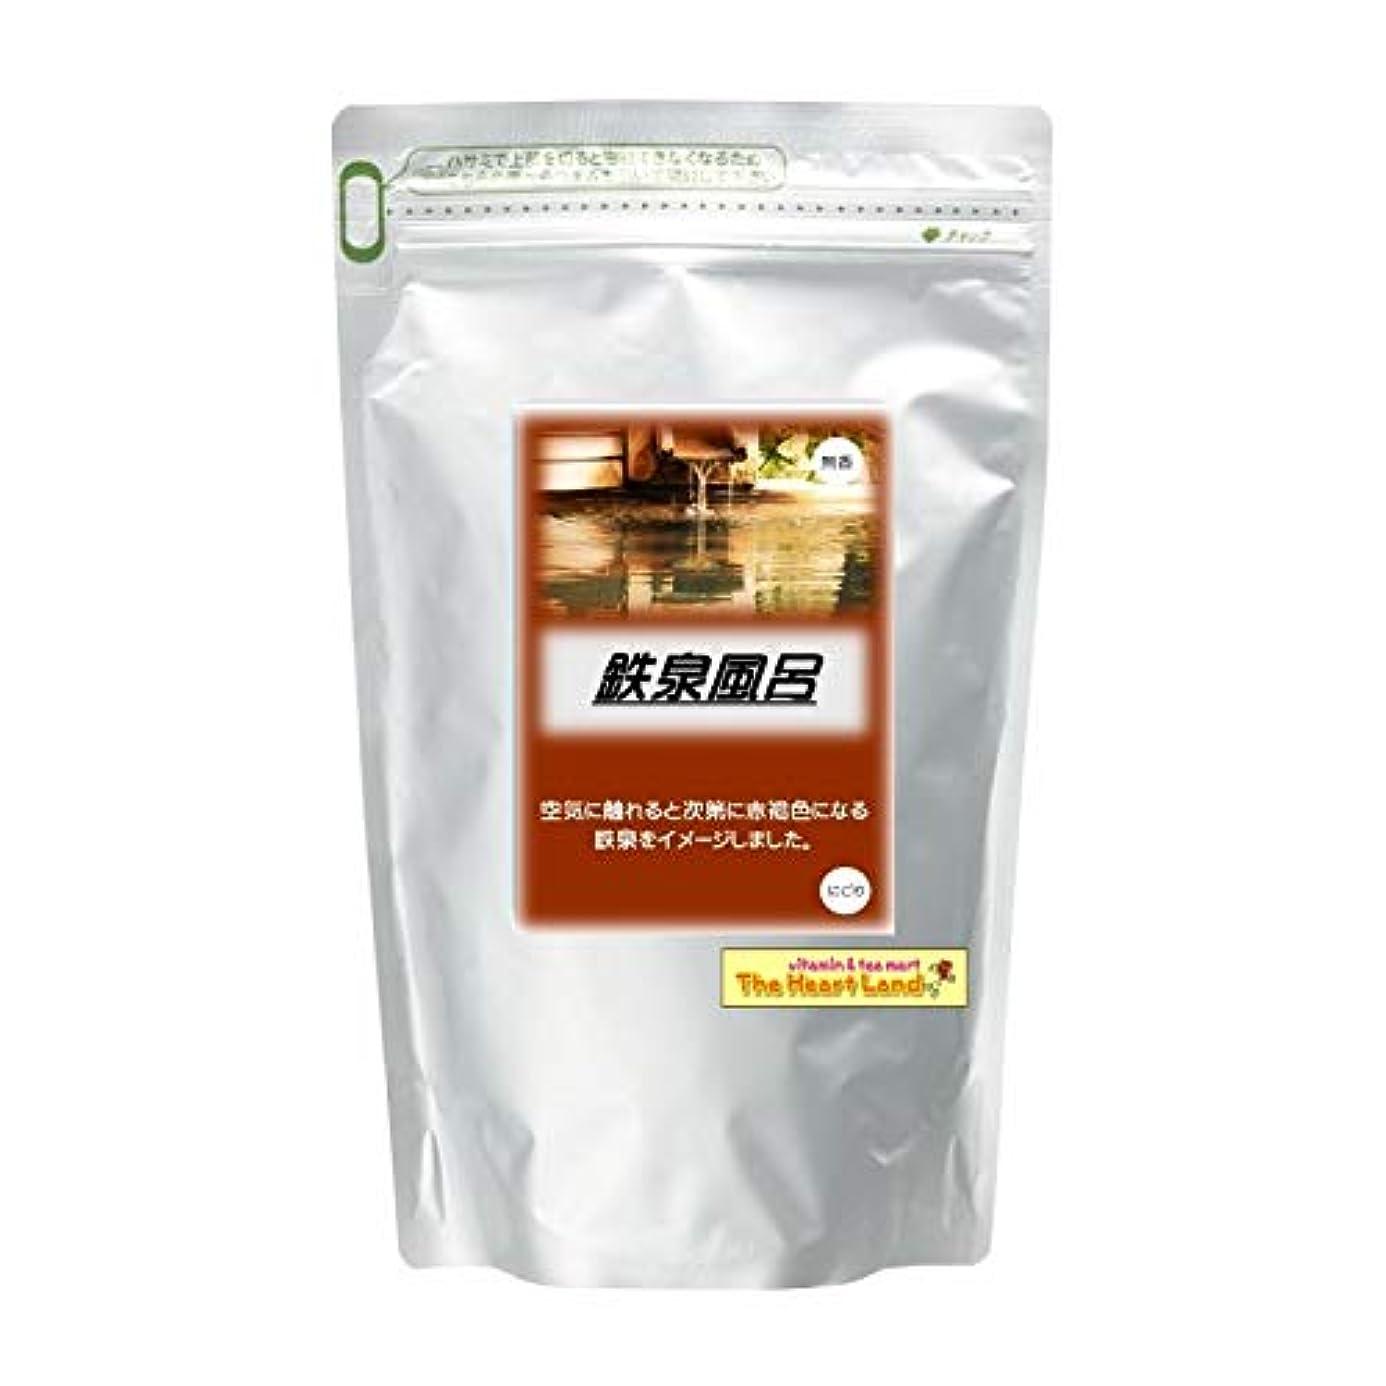 ノーブル竜巻鼻アサヒ入浴剤 浴用入浴化粧品 鉄泉風呂 2.5kg